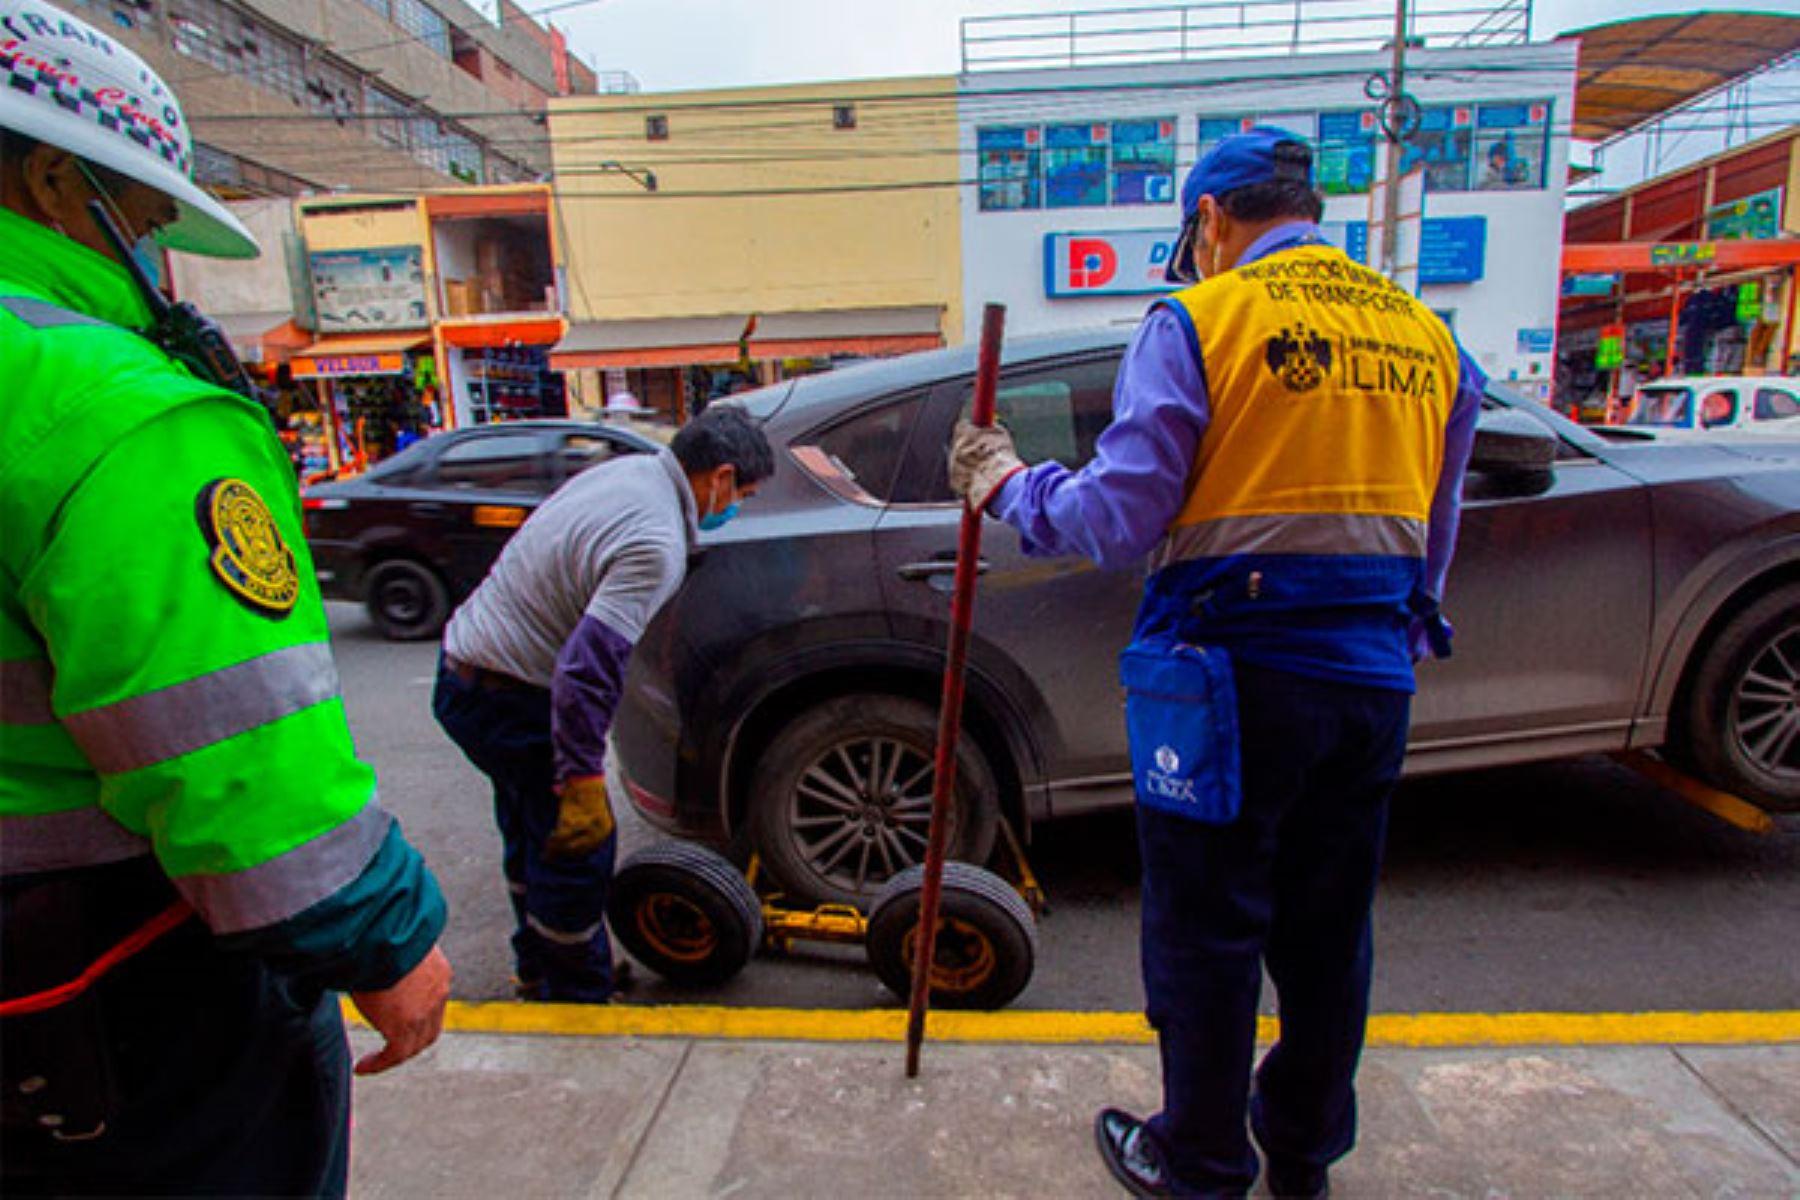 Municipalidad de Lima impuso multas de S/352 por abandonar las unidades en la vía pública o estacionar en zonas prohibidas. Foto: ANDINA/MML.